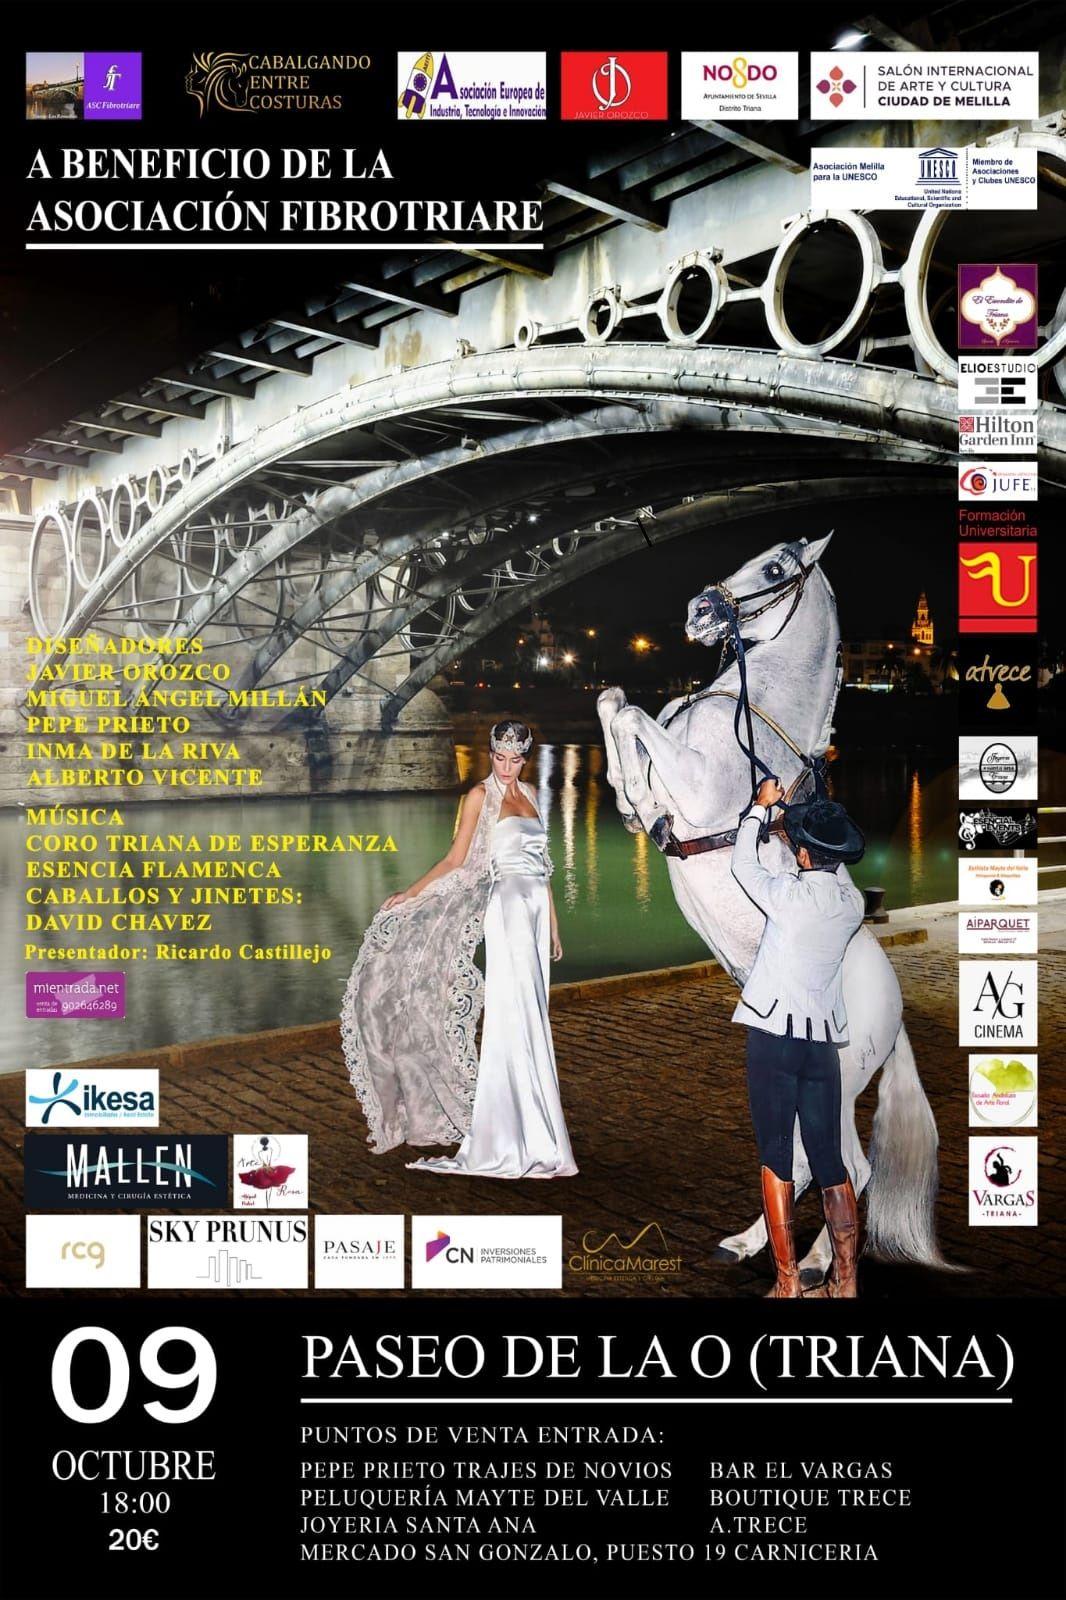 En este momento estás viendo 'Cabalgando entre Costuras', un evento benéfico que fusiona moda y arte en el Paseo de la O